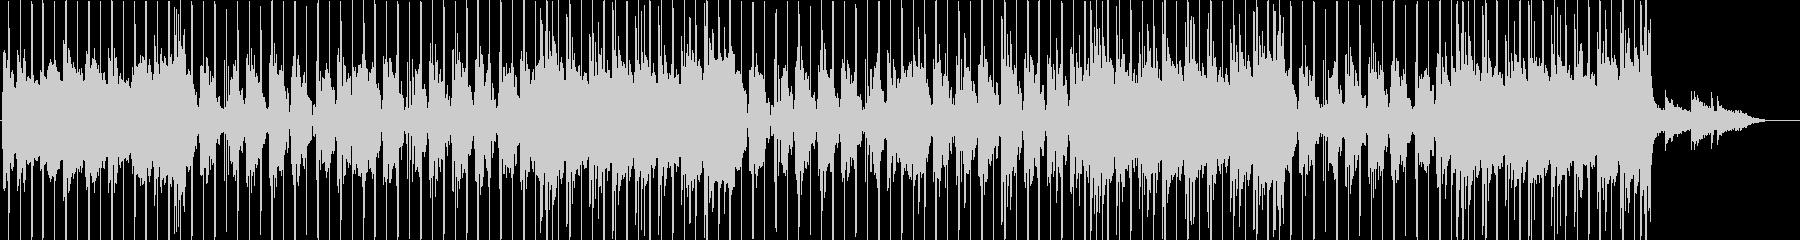 洋楽、チルアウト、R&Bビート♫の未再生の波形